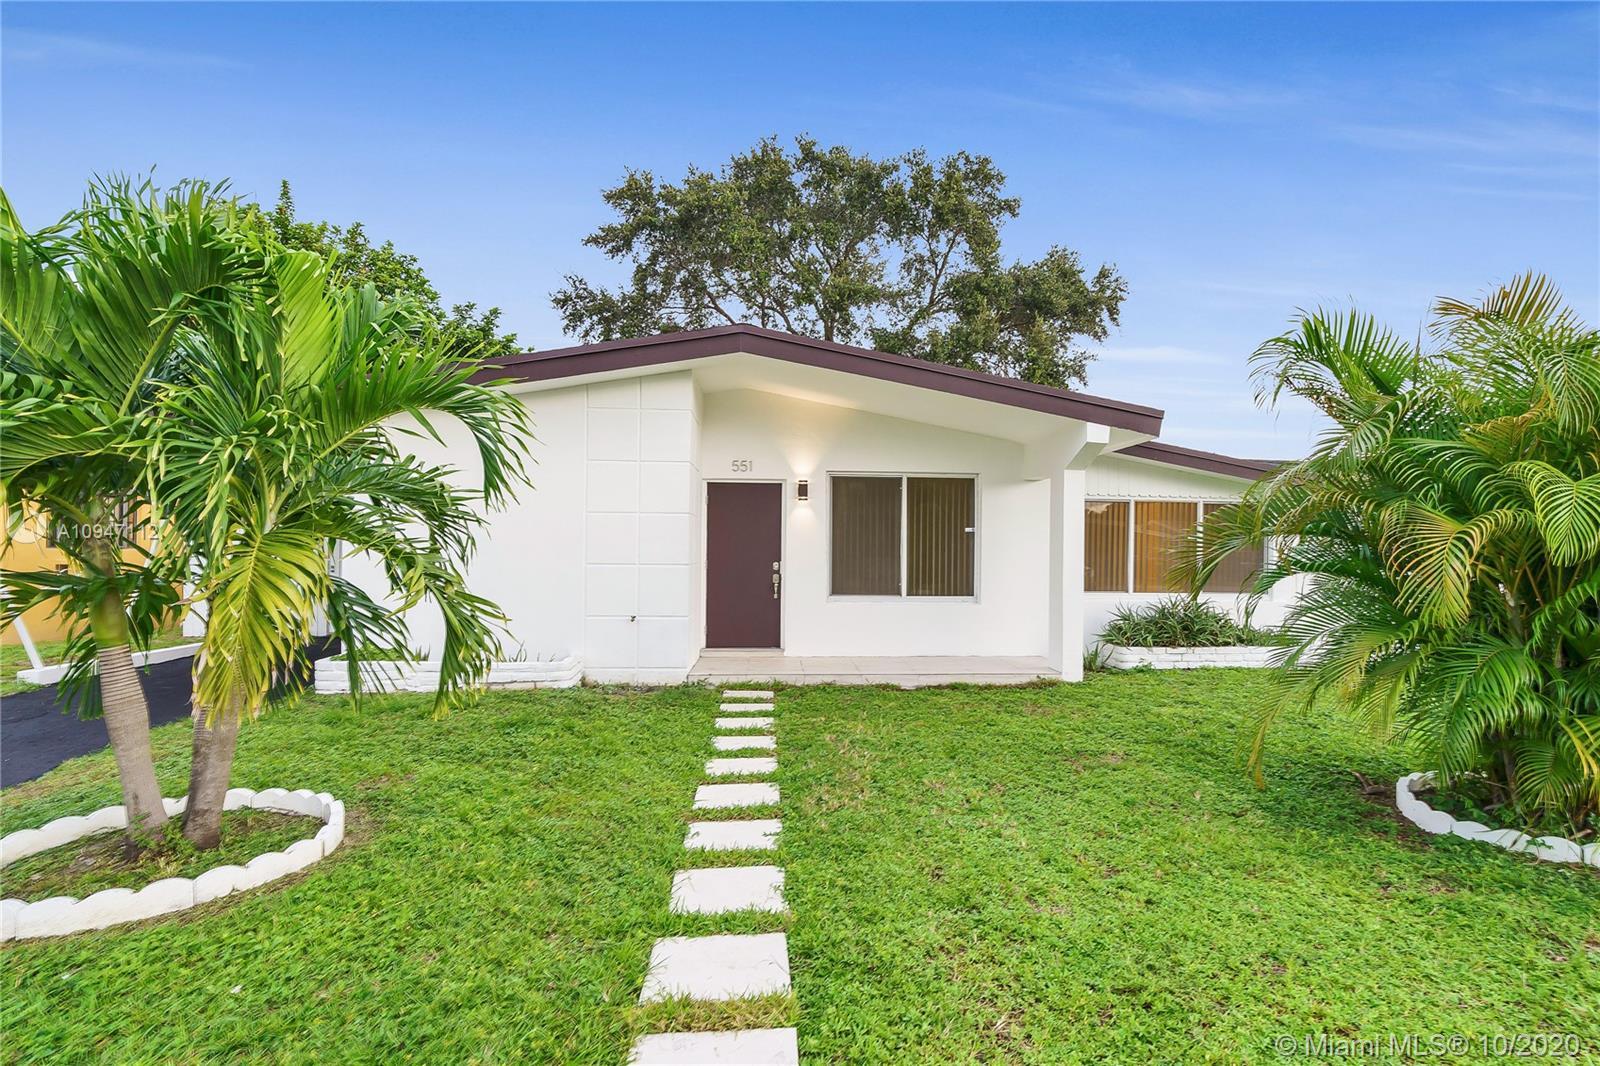 North Miami Beach - 551 NE 175th St, North Miami Beach, FL 33162